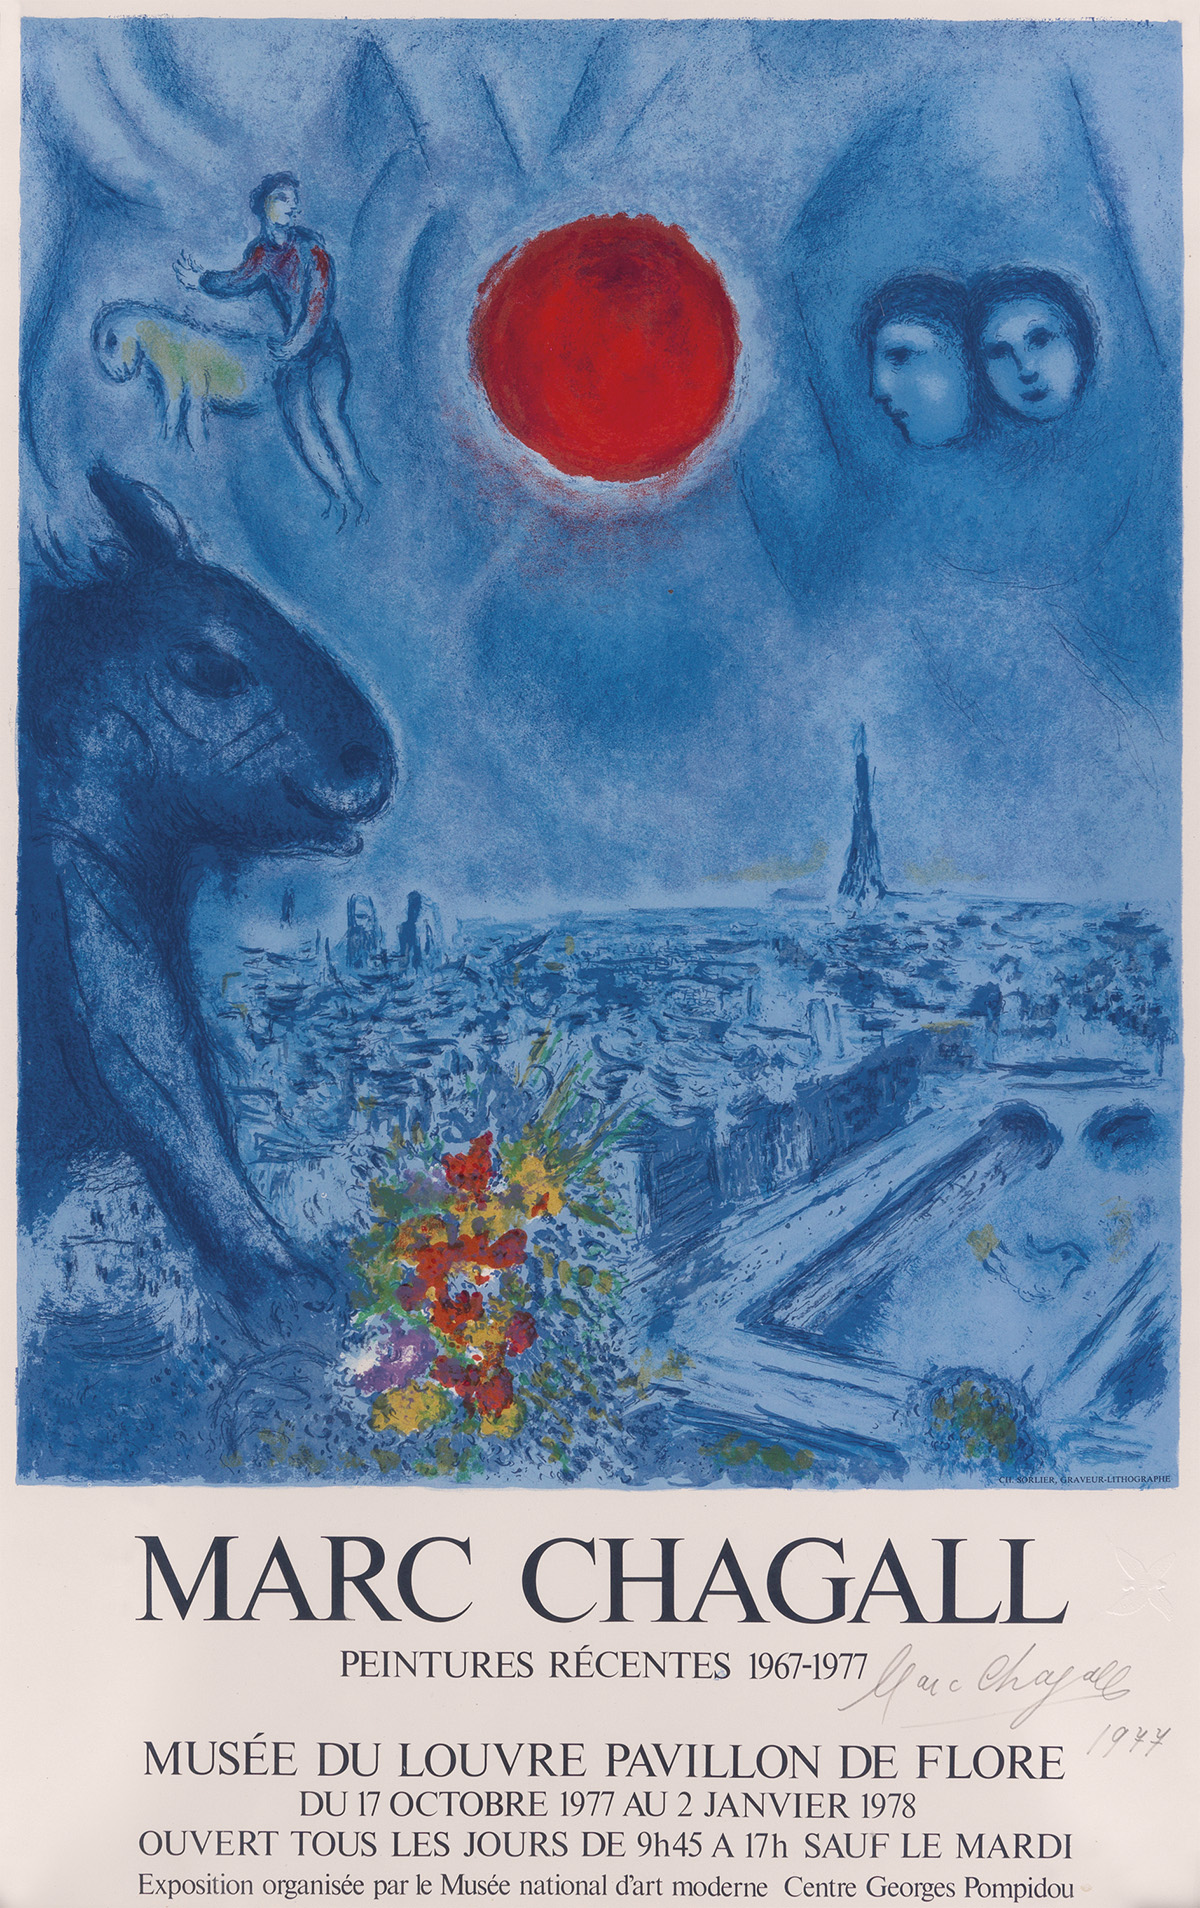 DAPRÈS MARC CHAGALL (1887-1985). MARC CHAGALL / PEINTURES RÉCENTES. 1978. 29x18 inches, 75x47 cm. Ch. Sorlier, Paris.